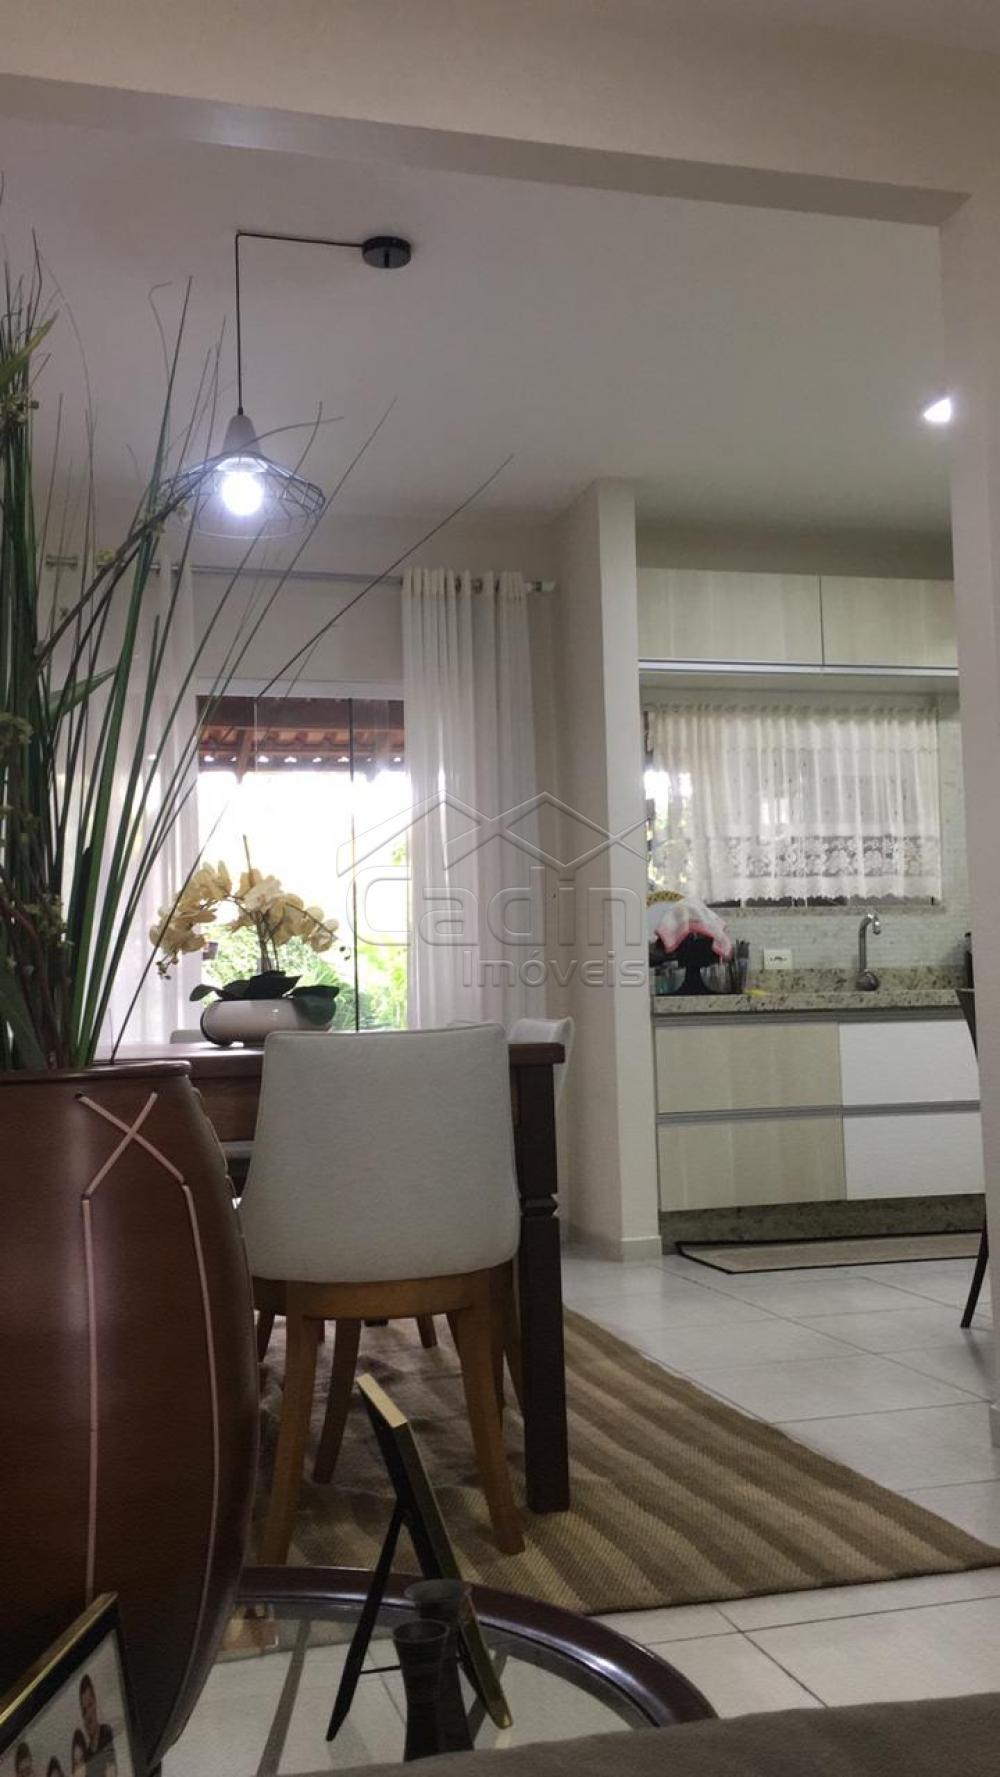 Comprar Casa / Sobrado em Navegantes R$ 470.000,00 - Foto 5